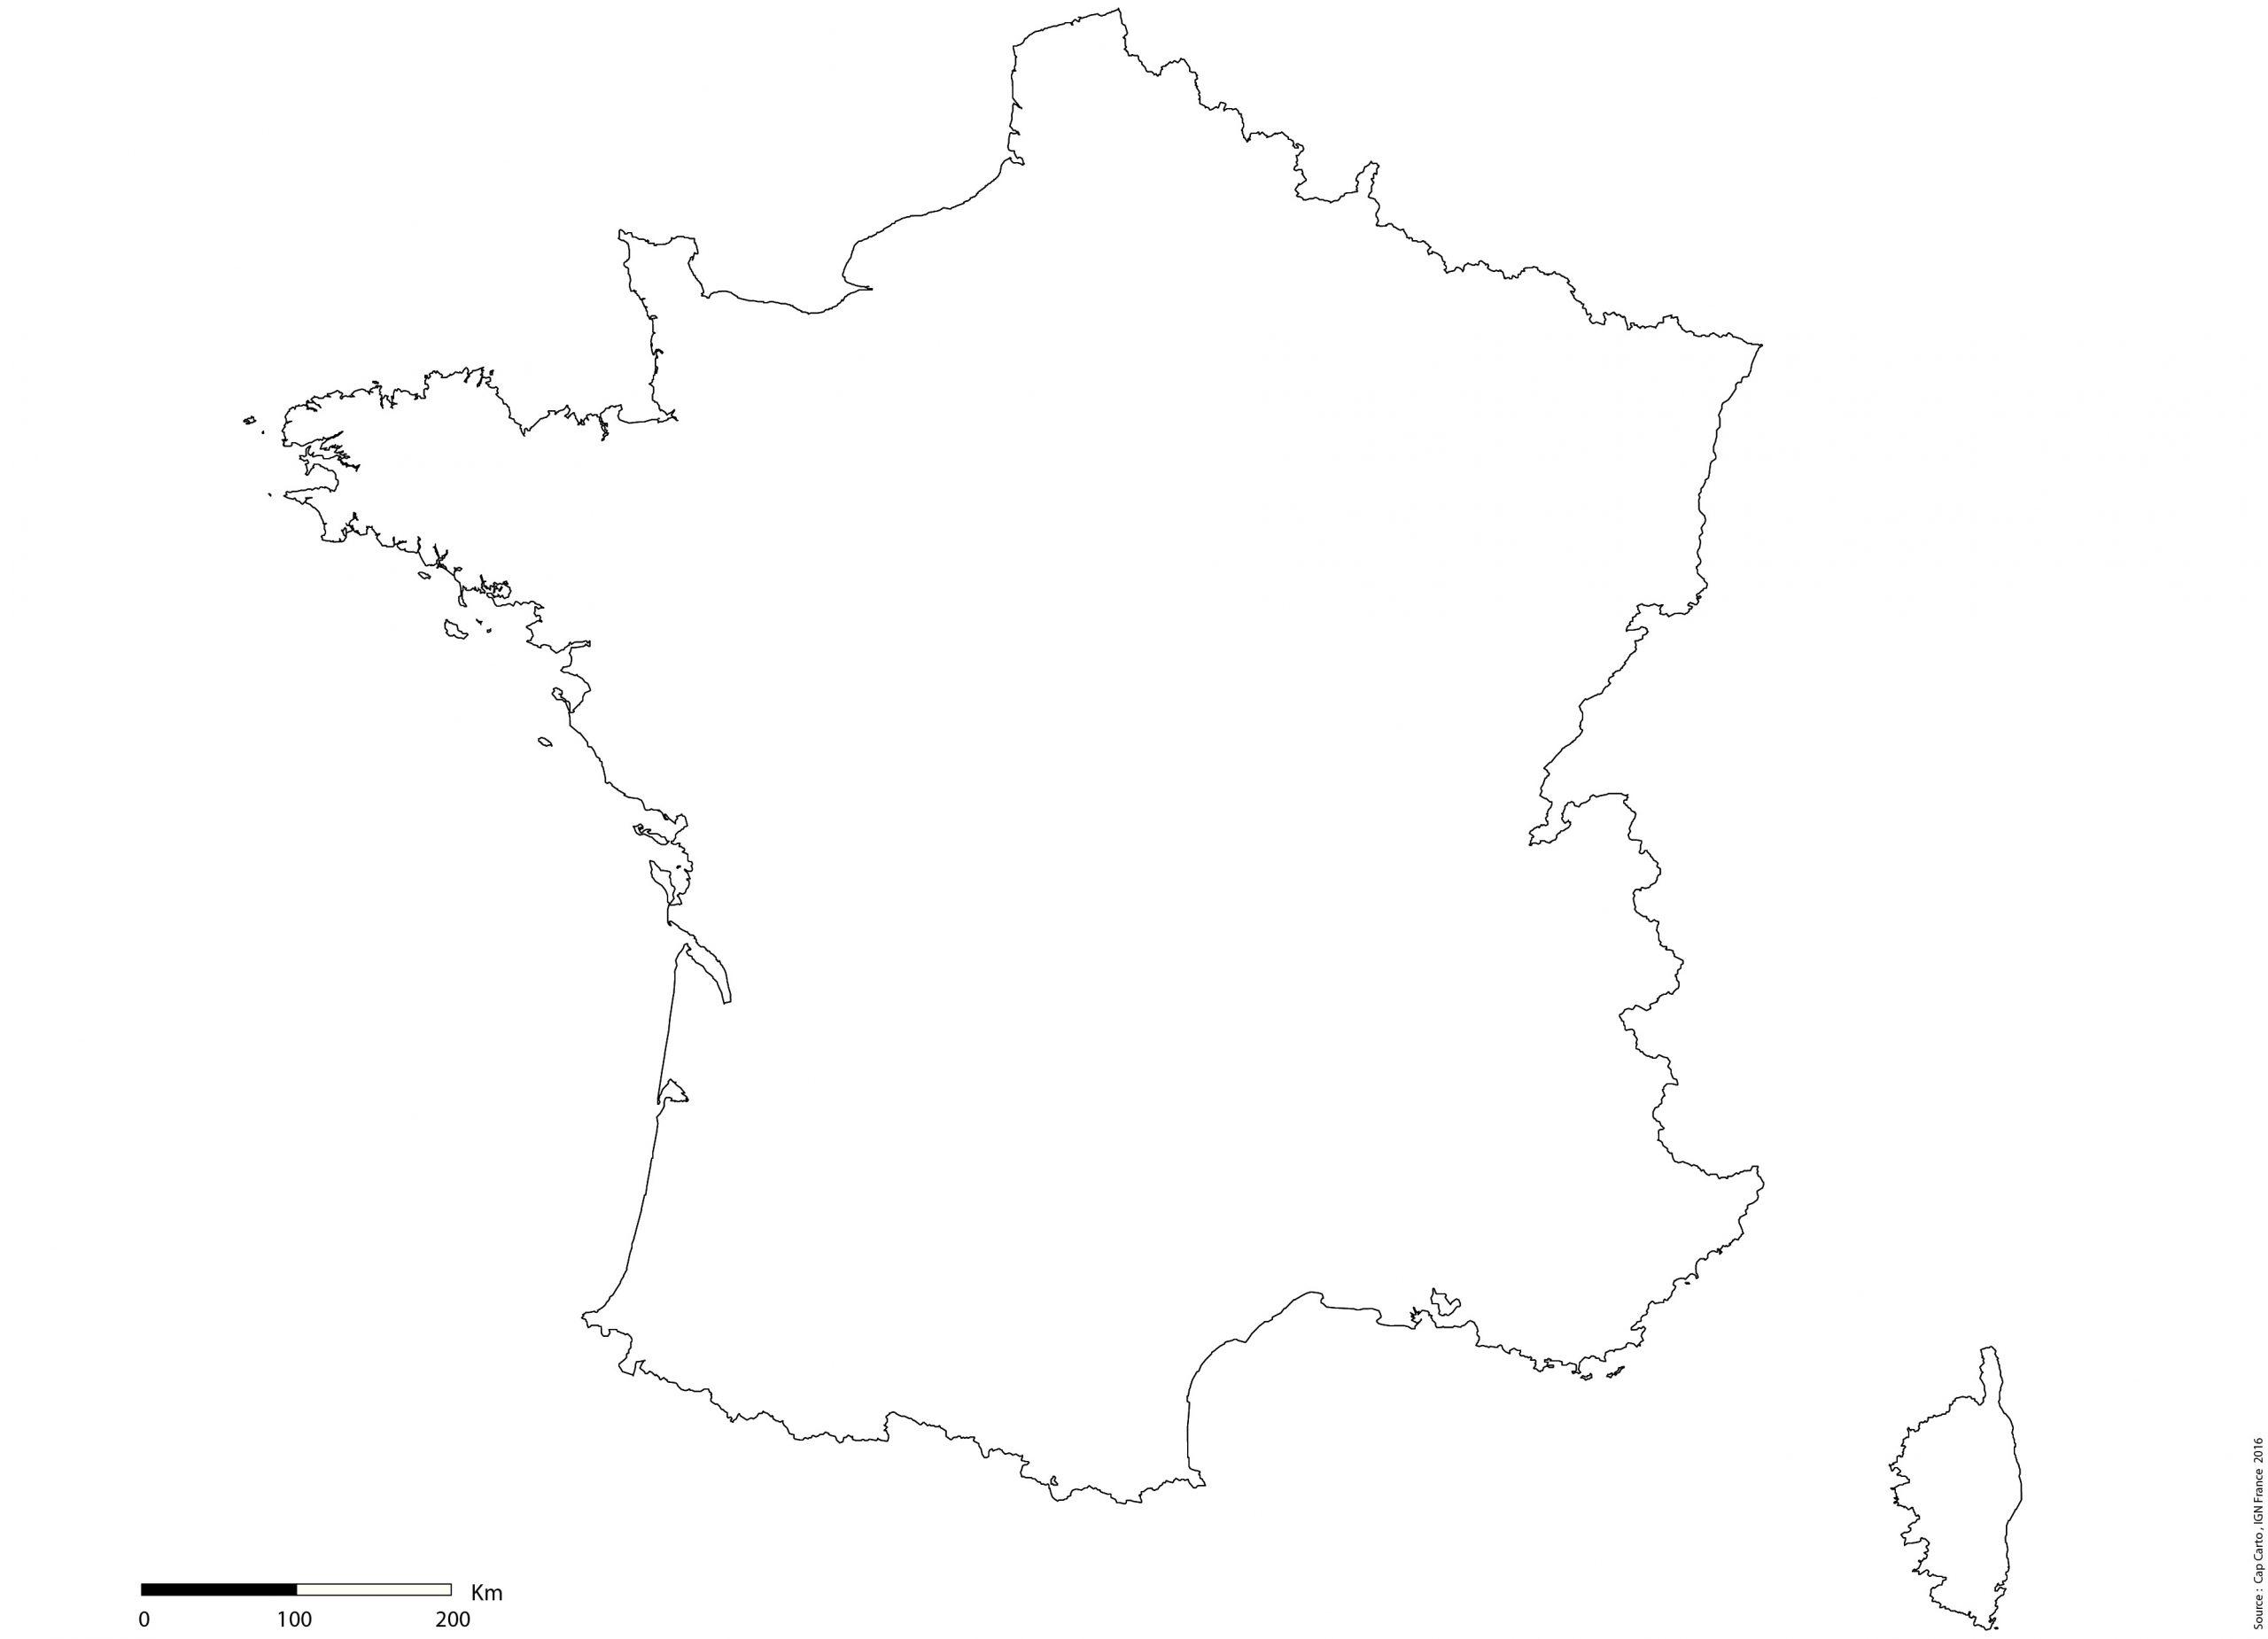 France-Contours-Vierge-Echelle - Cap Carto dedans Carte Vierge De France